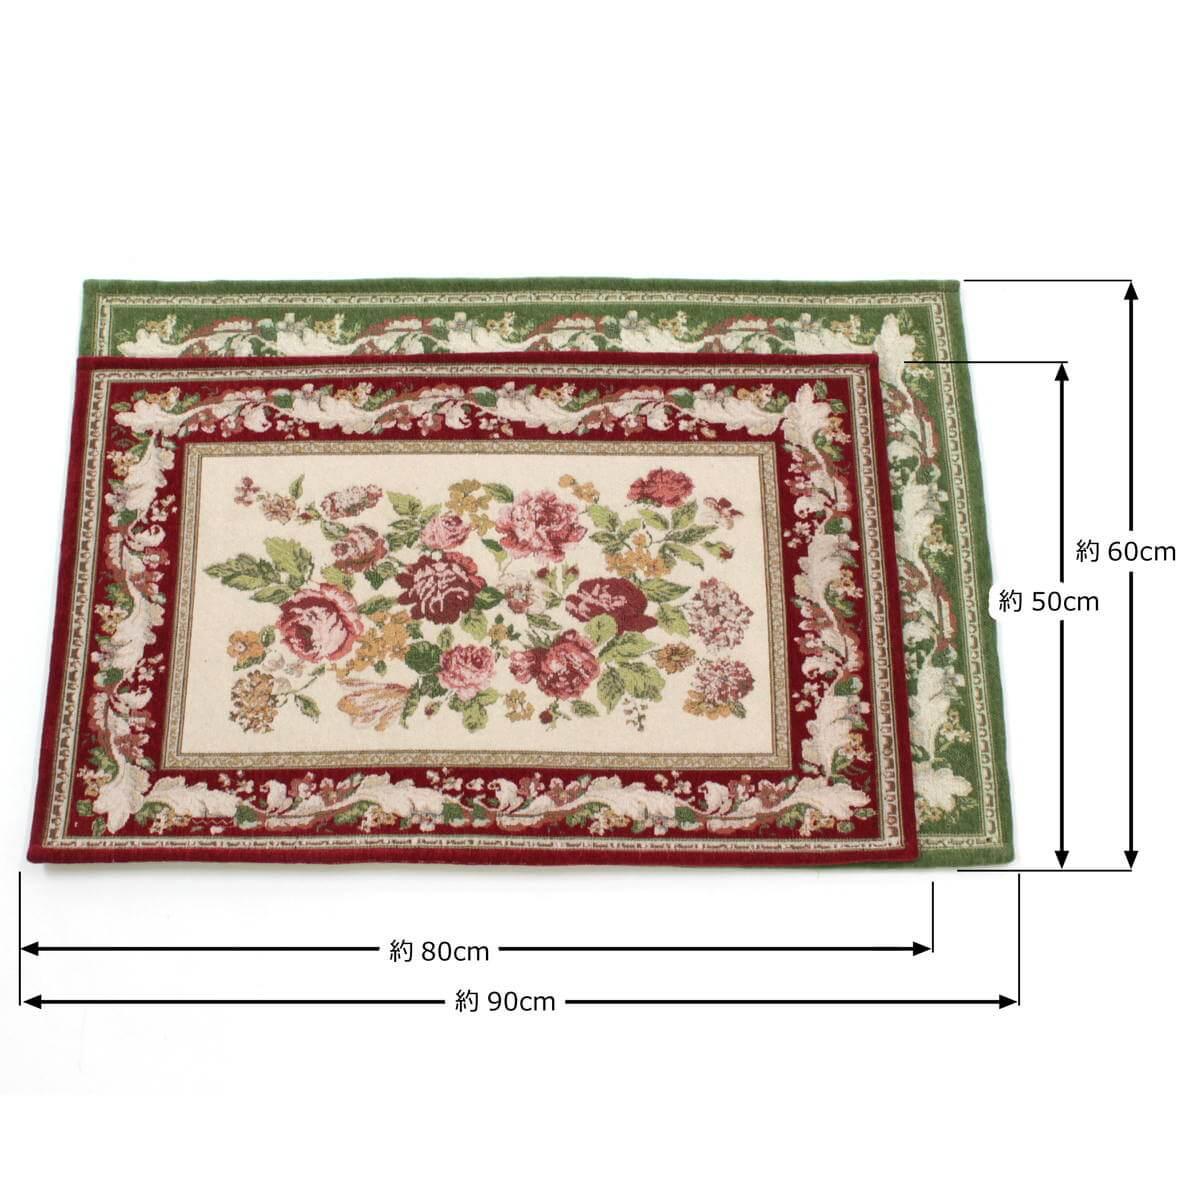 インテリアファブリック,アミブルージュ,バラ柄のシェニール織フロアマットは2つのサイズがあります。約50×80cmと約60×90cmです。